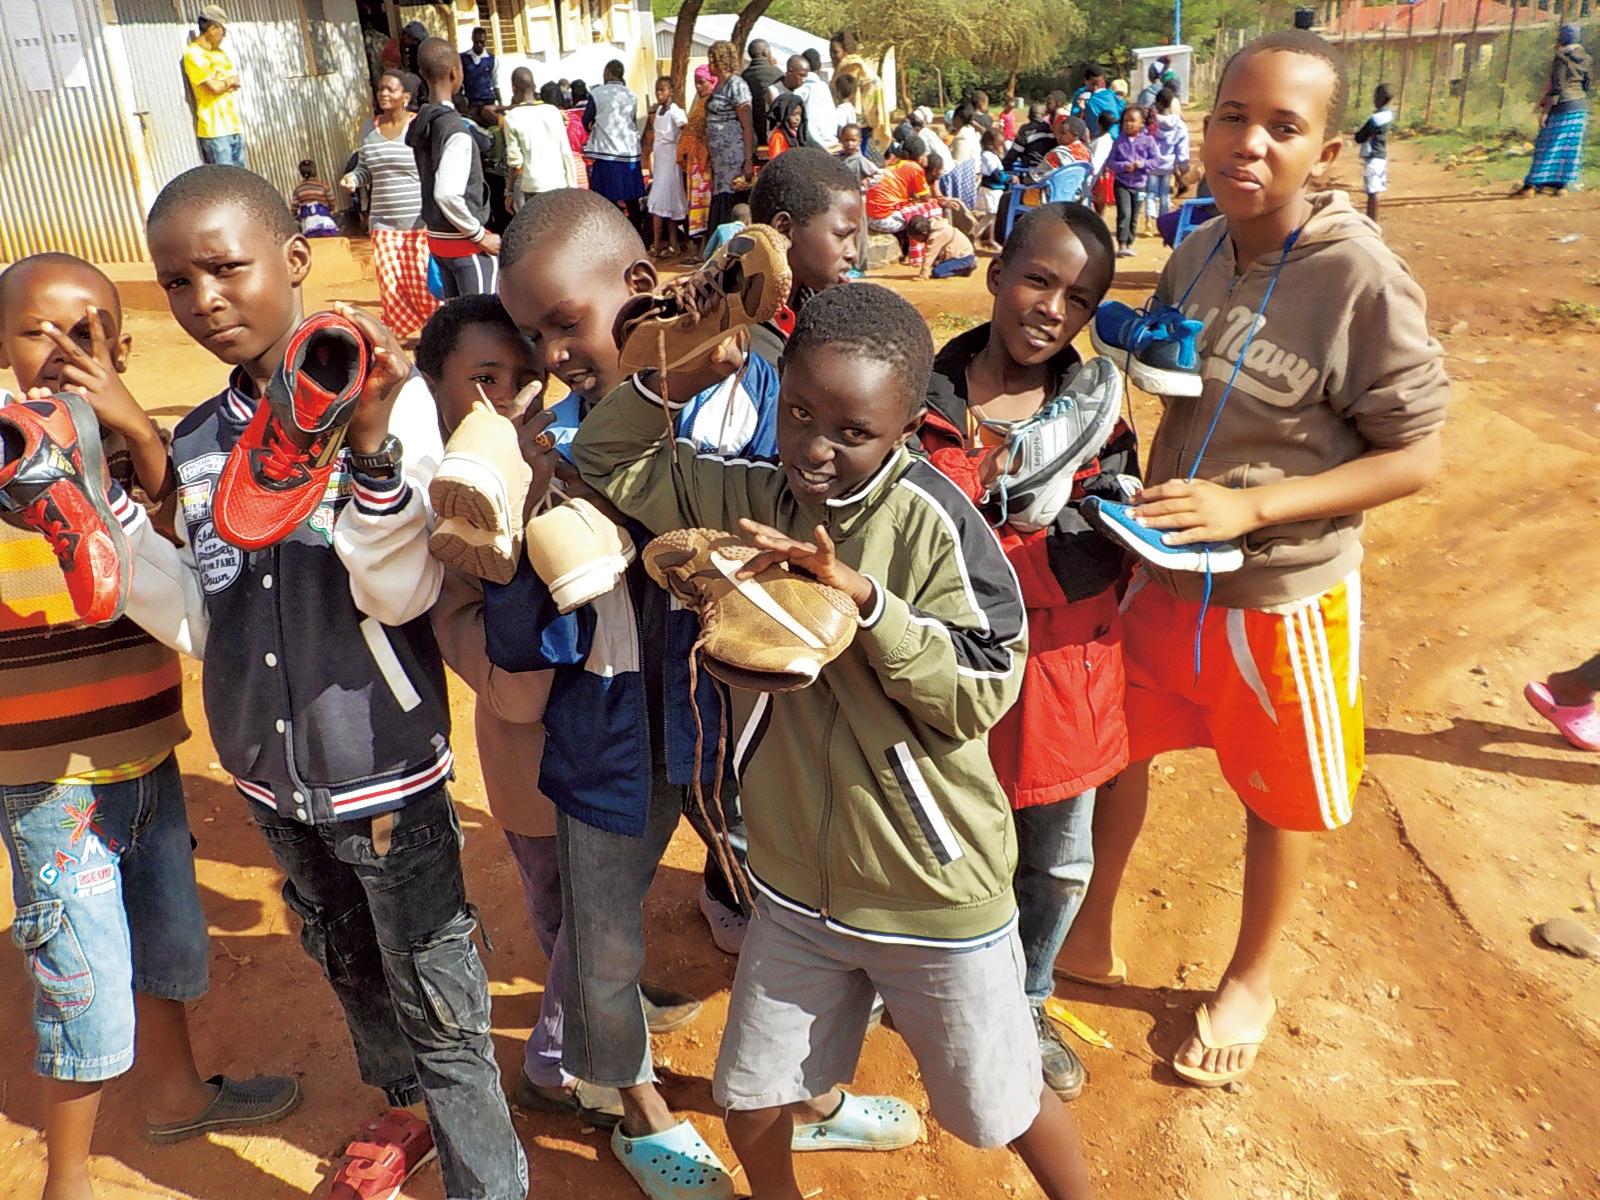 相原功志さんが代表を務める『キラキラ学園』でのシューズ寄贈。現在、幼稚園には115人、小学校(1〜6年生)に220人、土曜補習教室に15人の園児・児童が通っている。